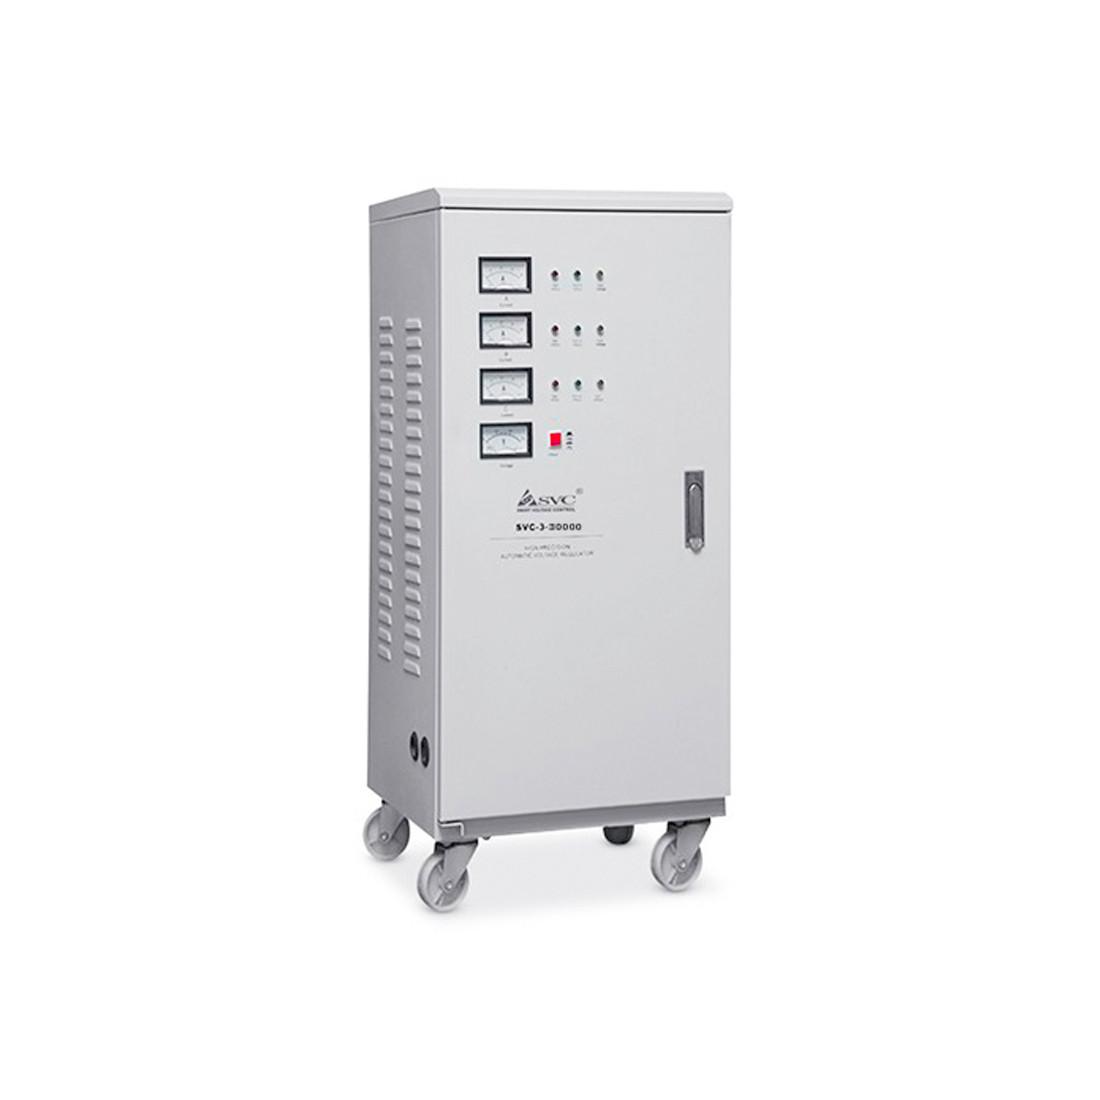 Стабилизатор, SVC, SVC-3-30000, Мощность 30кВА/24кВт,, Трёхфазный, Индикация режимов работы, Диапазо